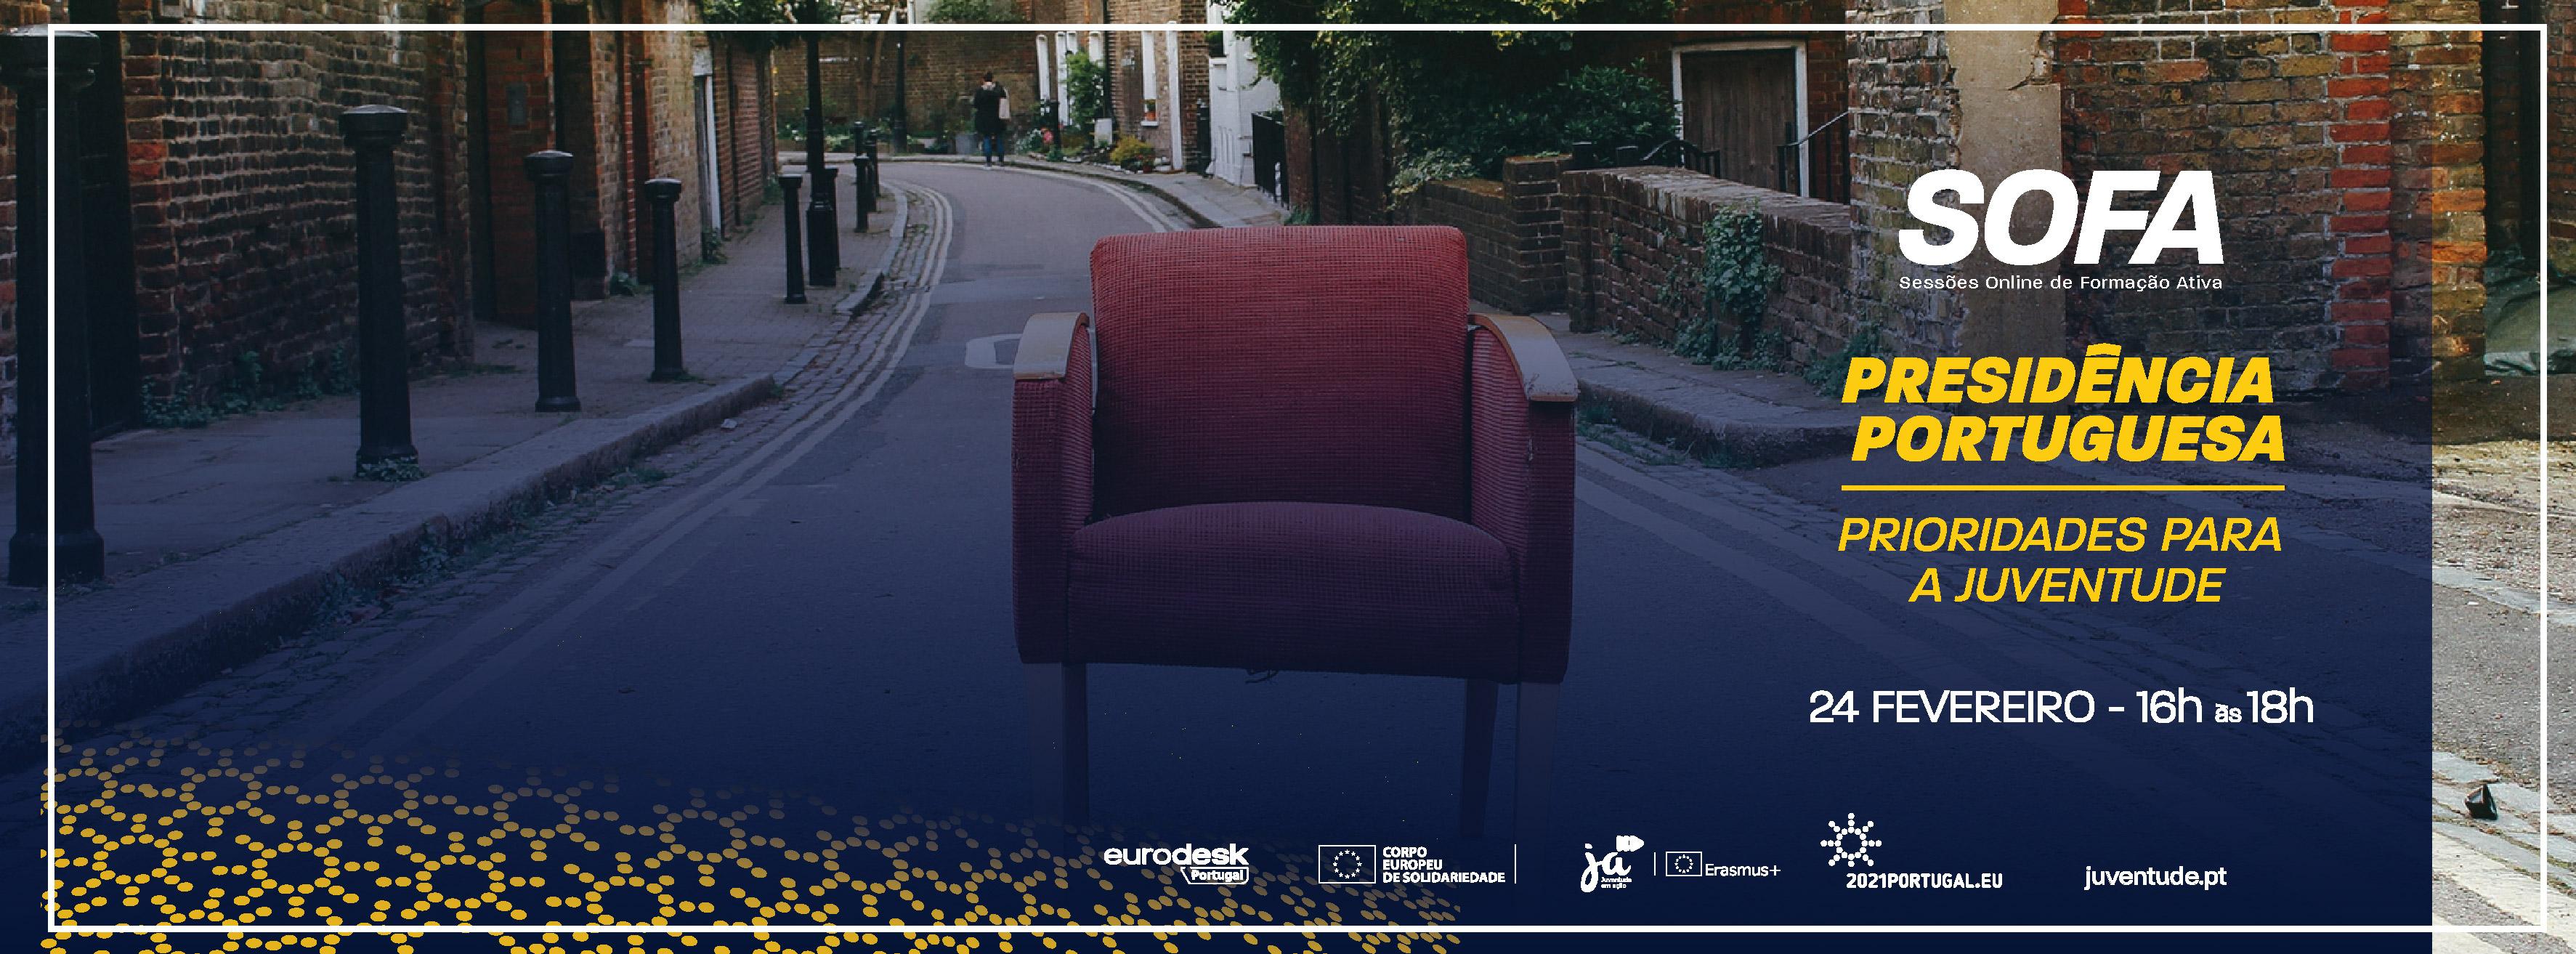 sofa-das-fev-face-imagem-perfil-copy.jpg